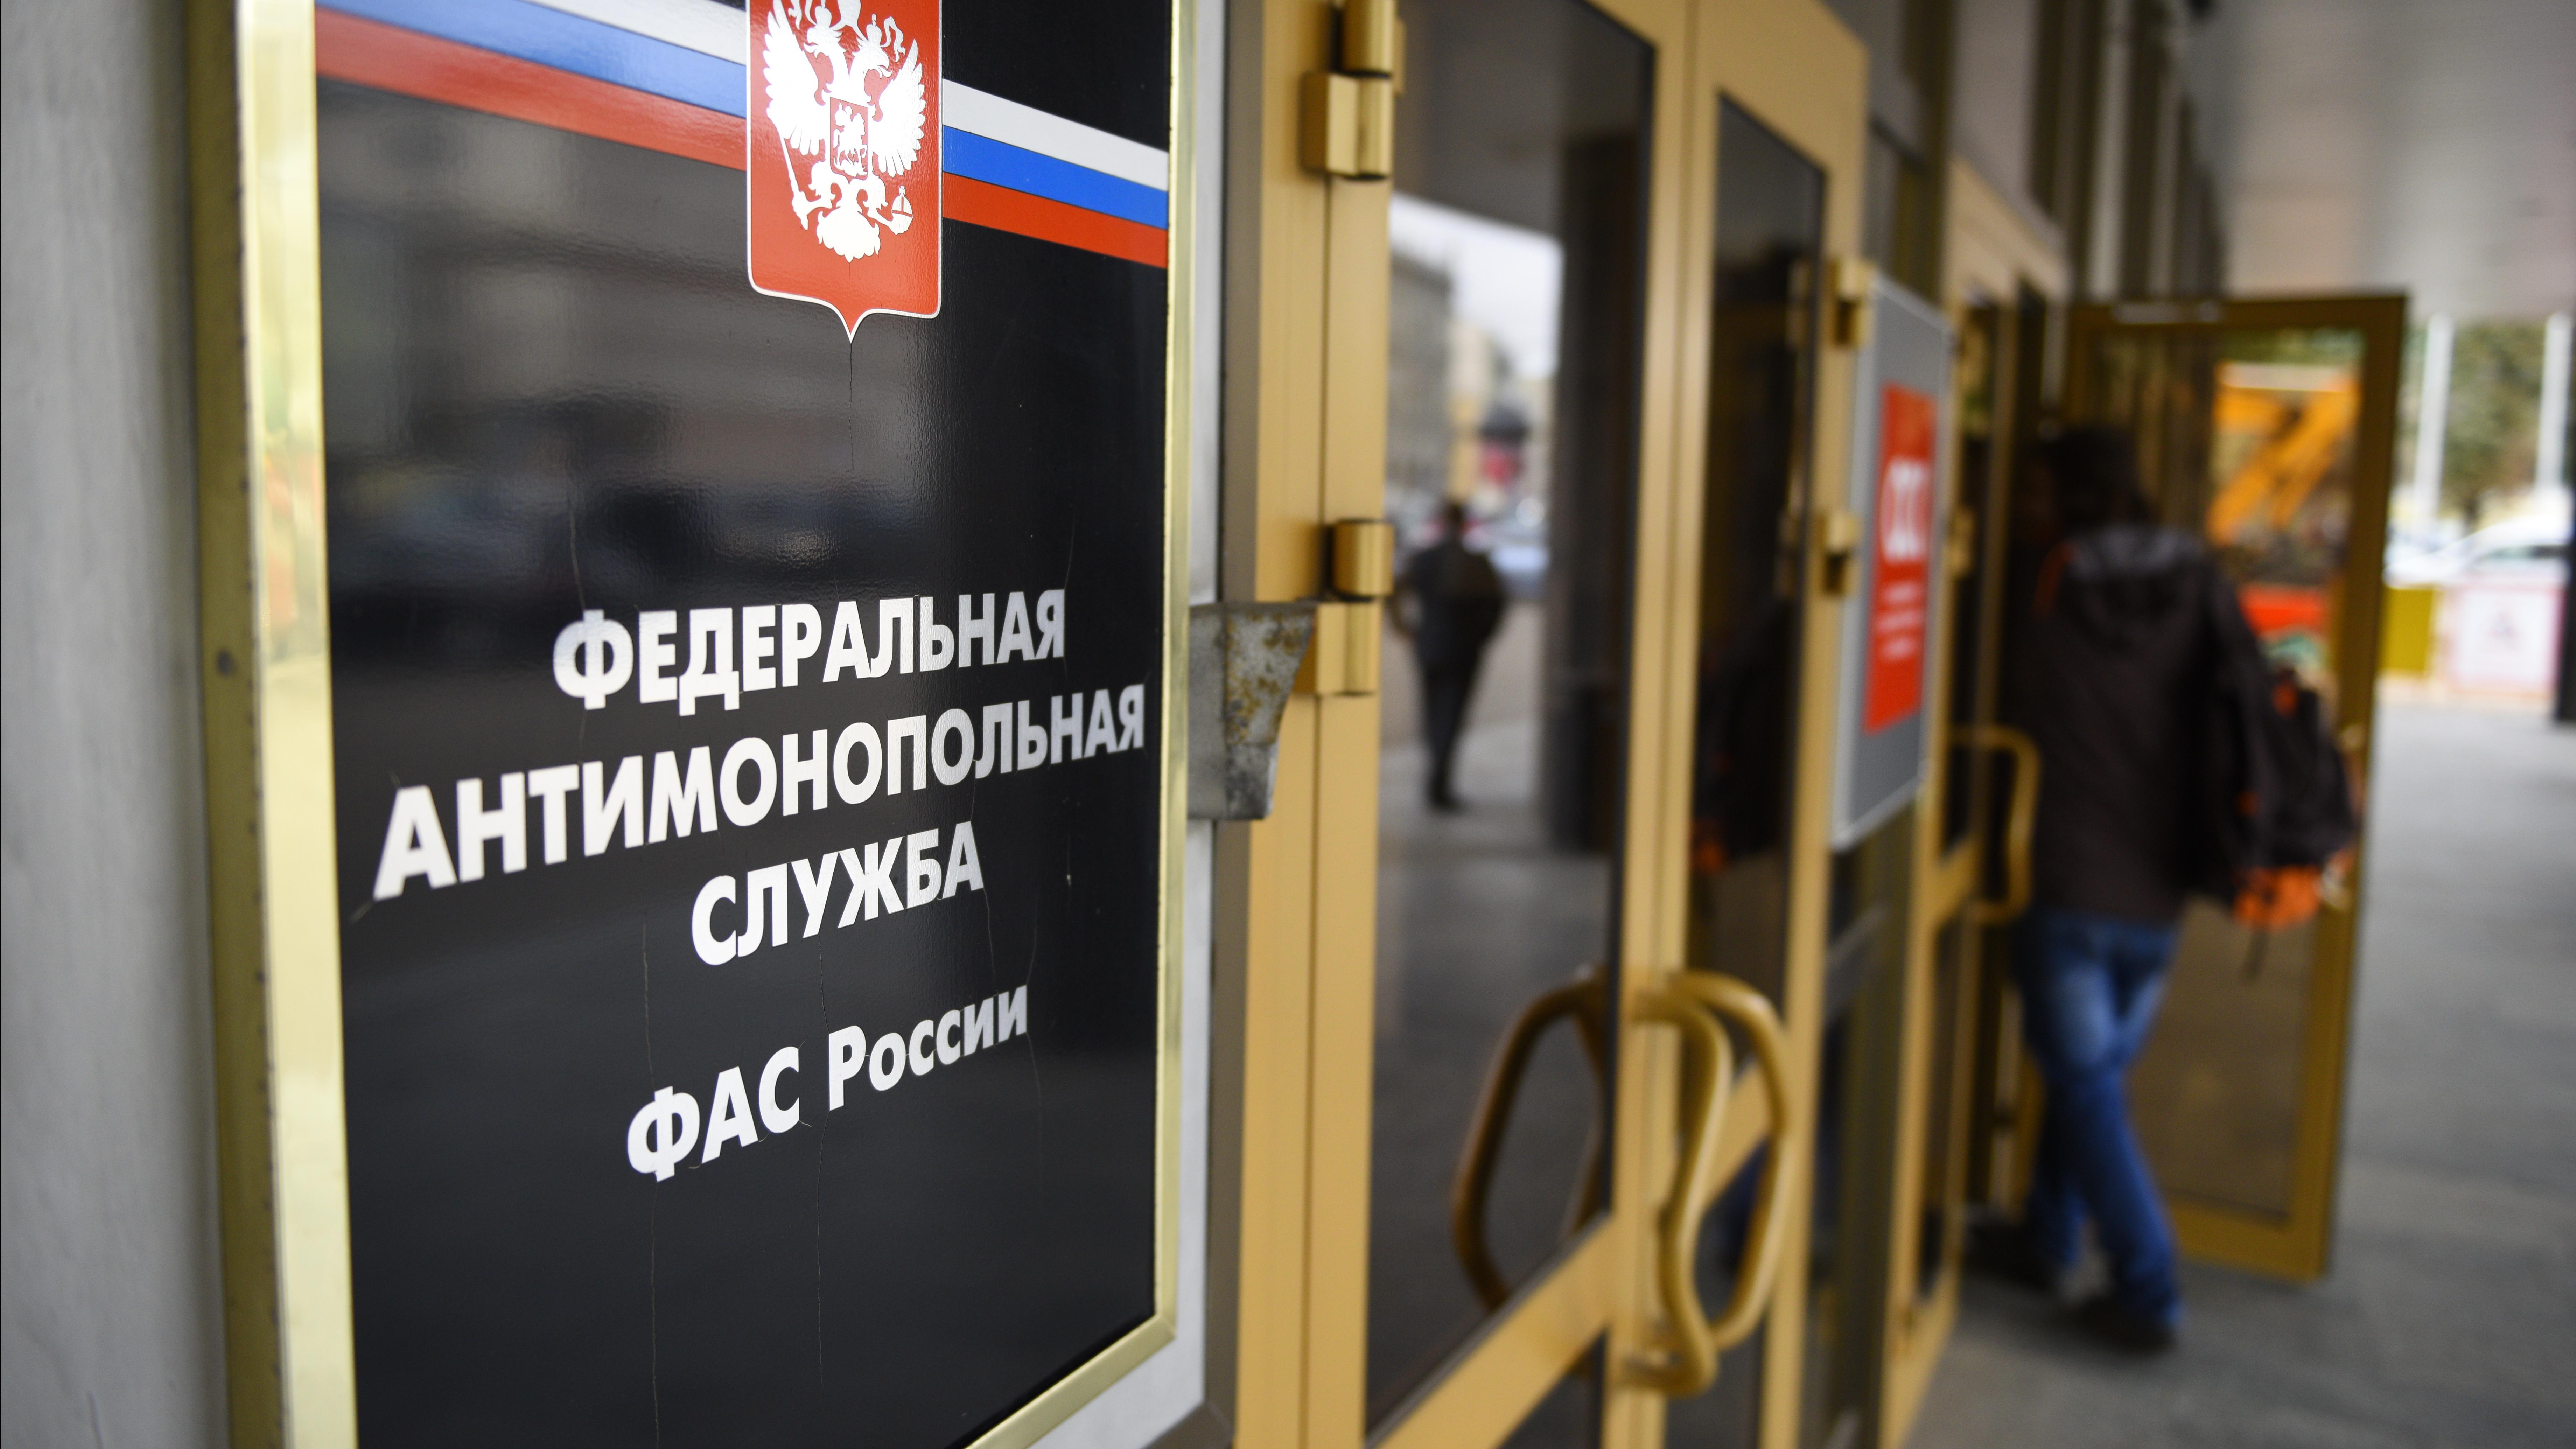 УФАС Подмосковья отказало во внесении ООО «Меганефть» в реестр недобросовестных поставщиков